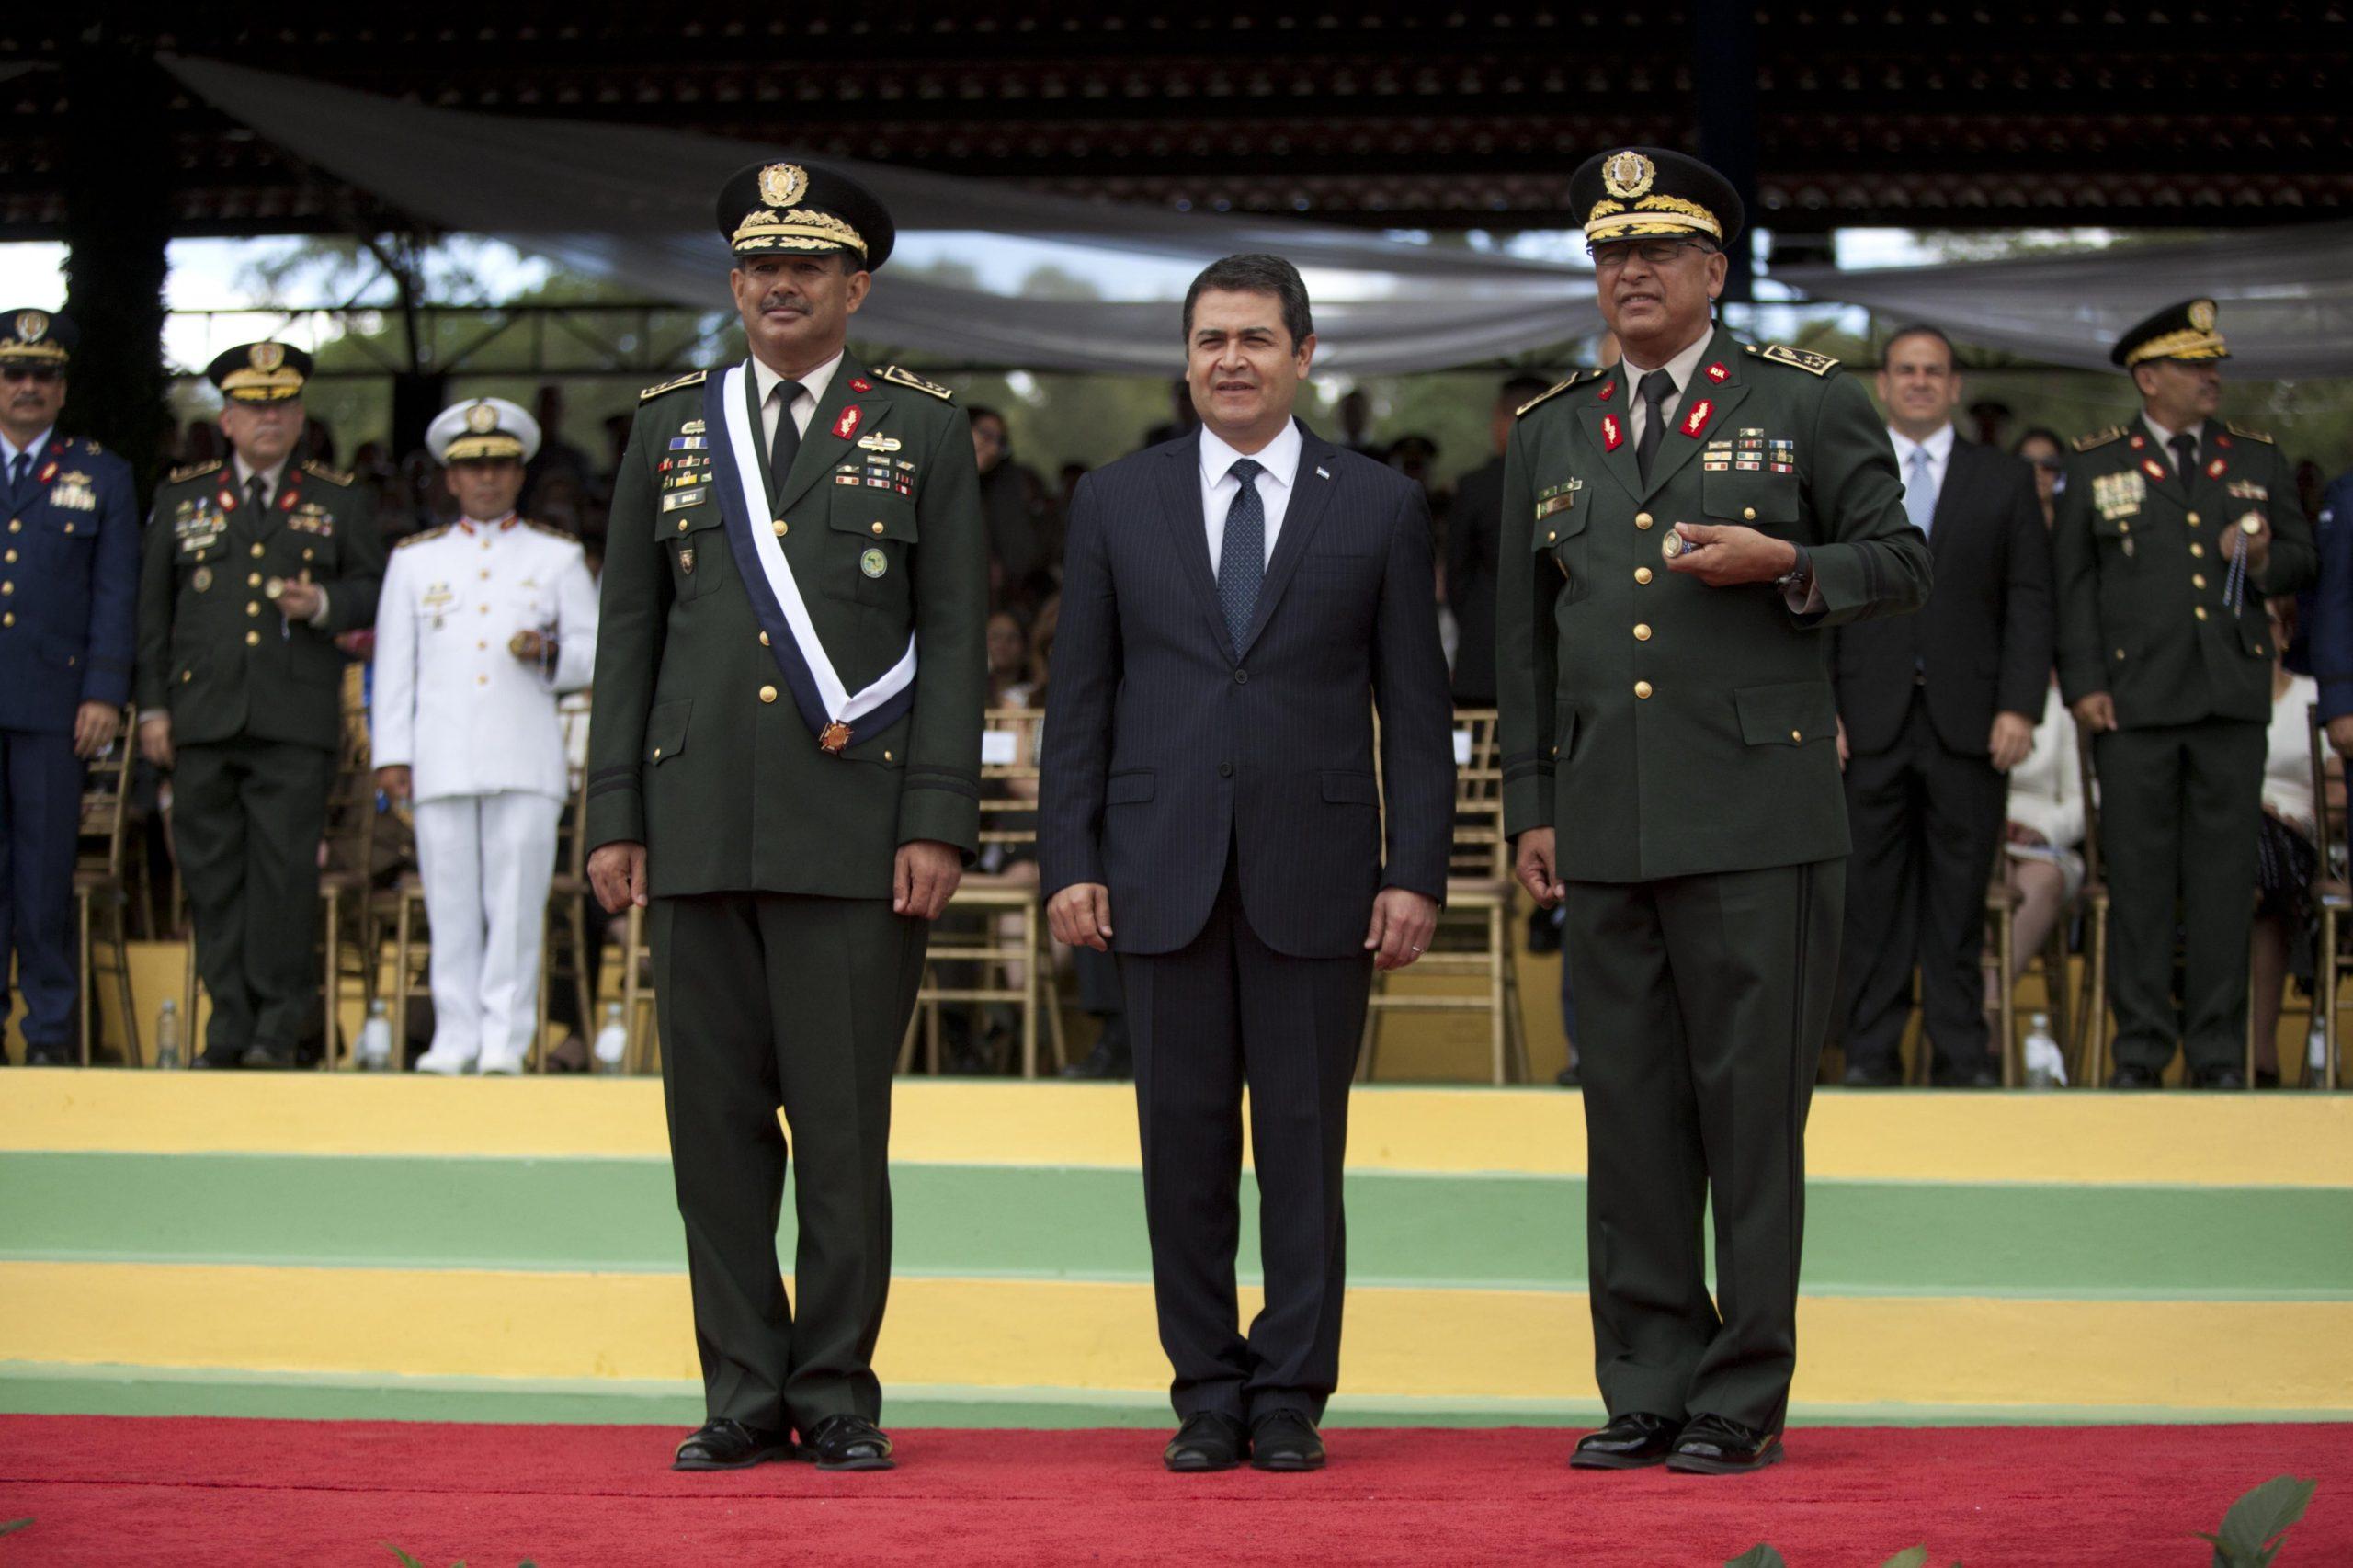 HONDURAS, militares en lugar de médicos